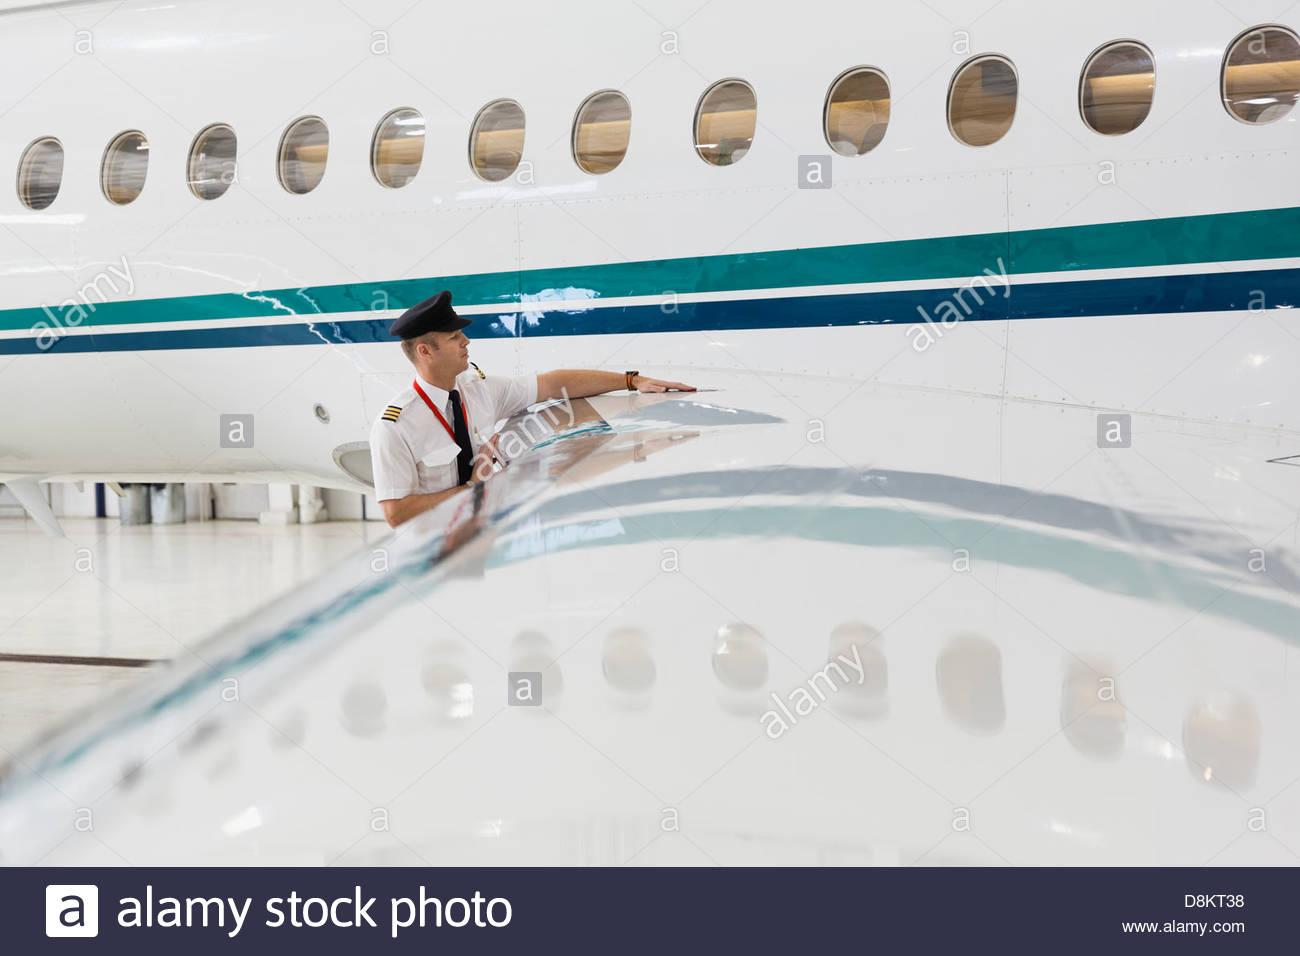 Control piloto macho ala de avión en hangar Imagen De Stock